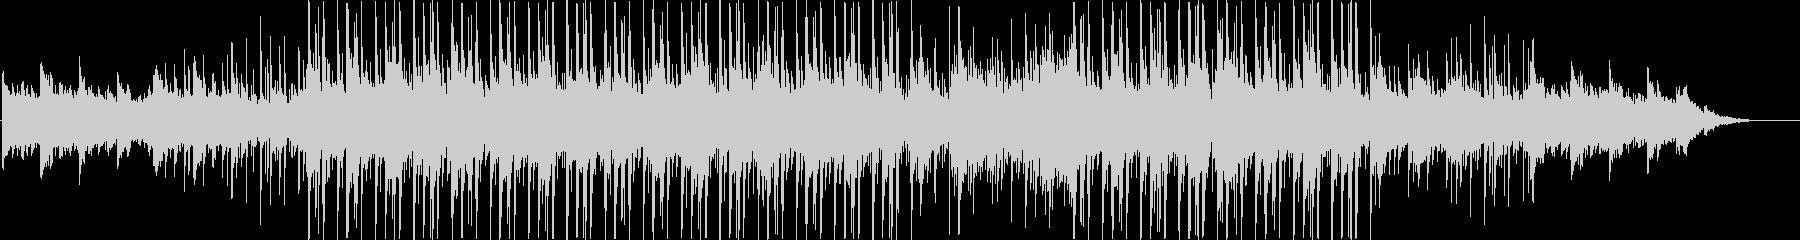 ピアノ、ストリングス、ベース、ドラ...の未再生の波形